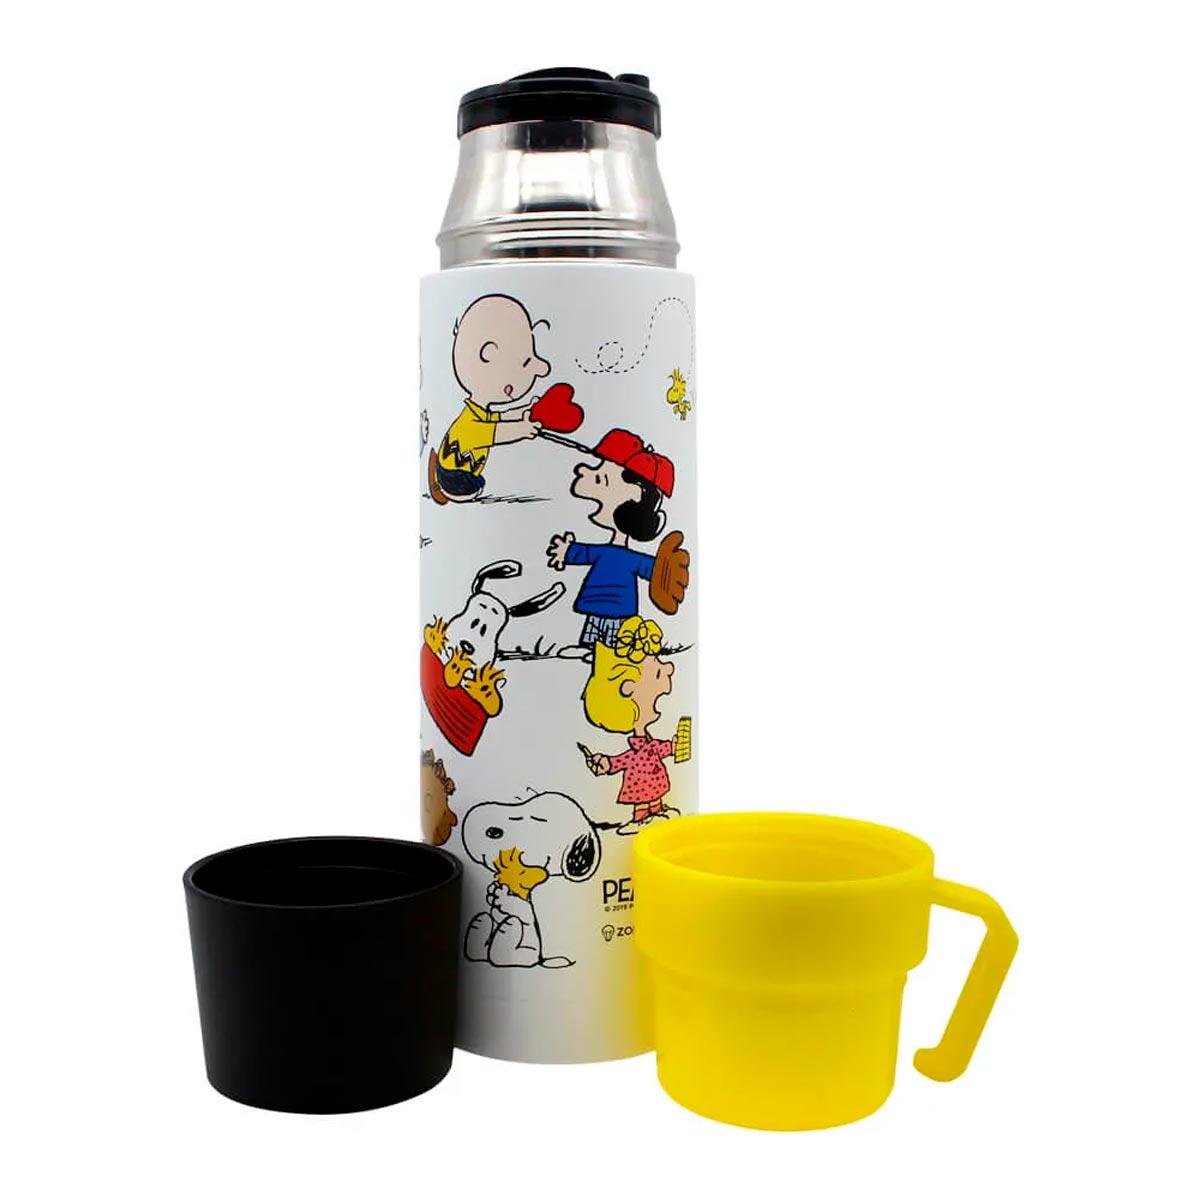 Garrafa Térmica 500 ml com Caneca Turma Snoopy - Presente Super